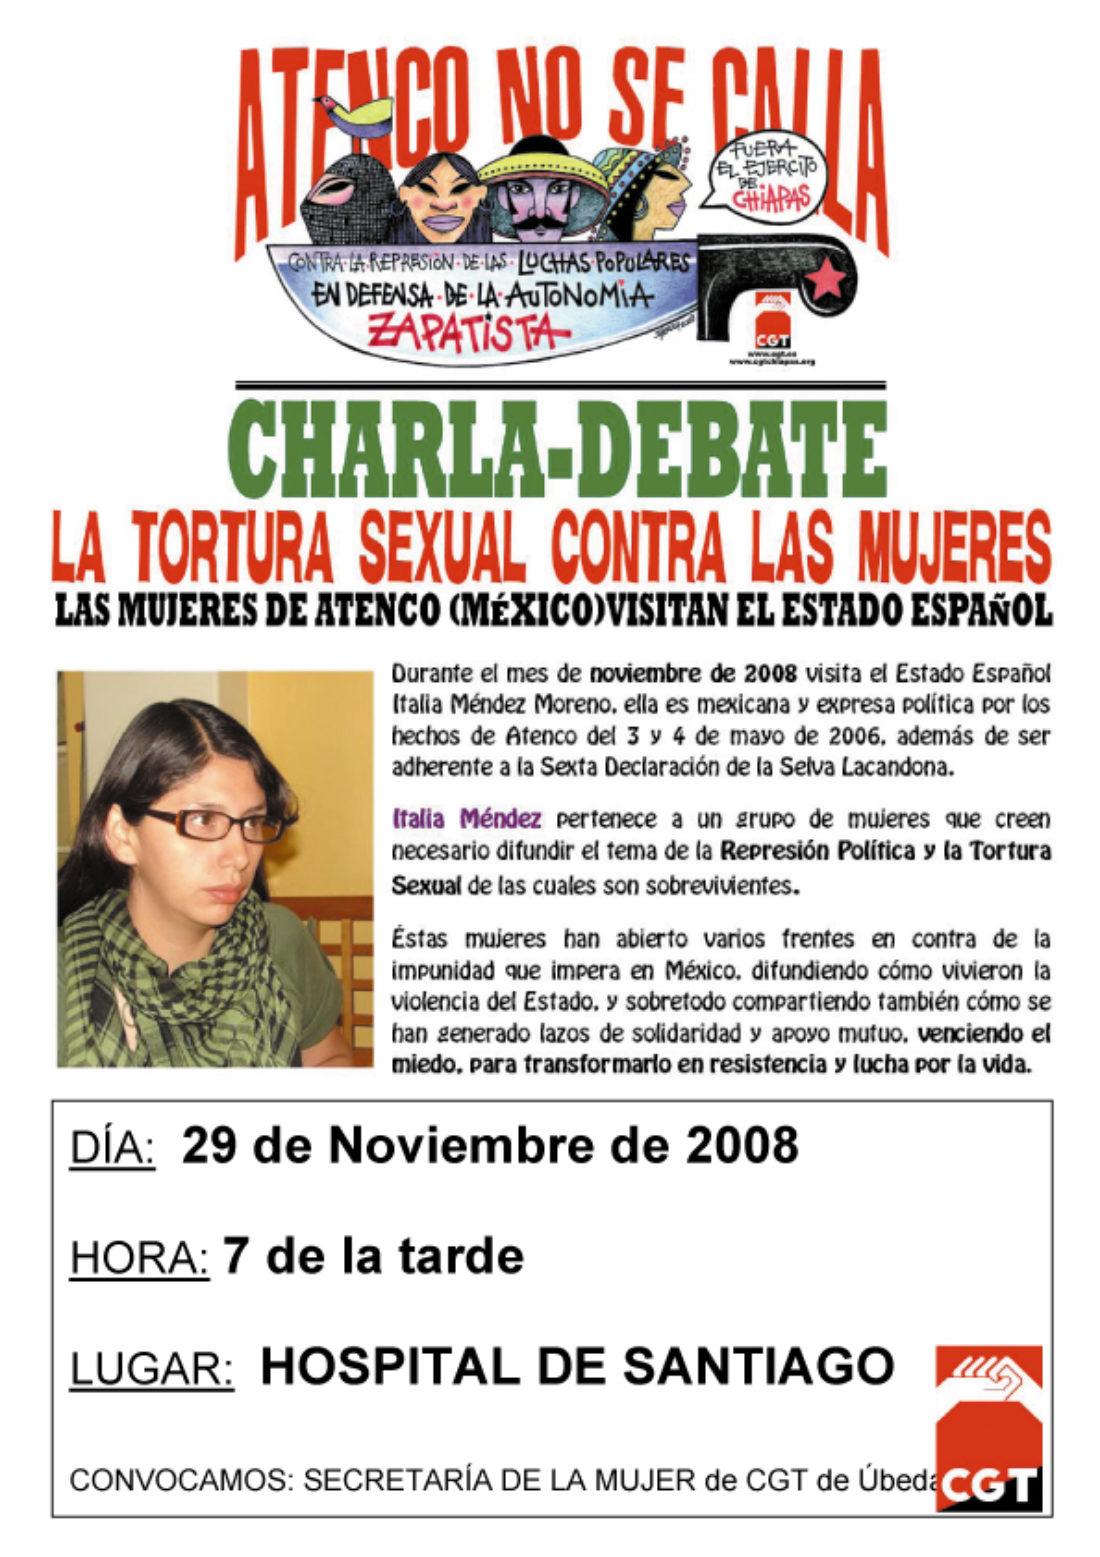 Actividades  que organiza la Secretaría de la Mujer de  la Federación Local de Úbeda  de la CGT para el 25 de noviembre